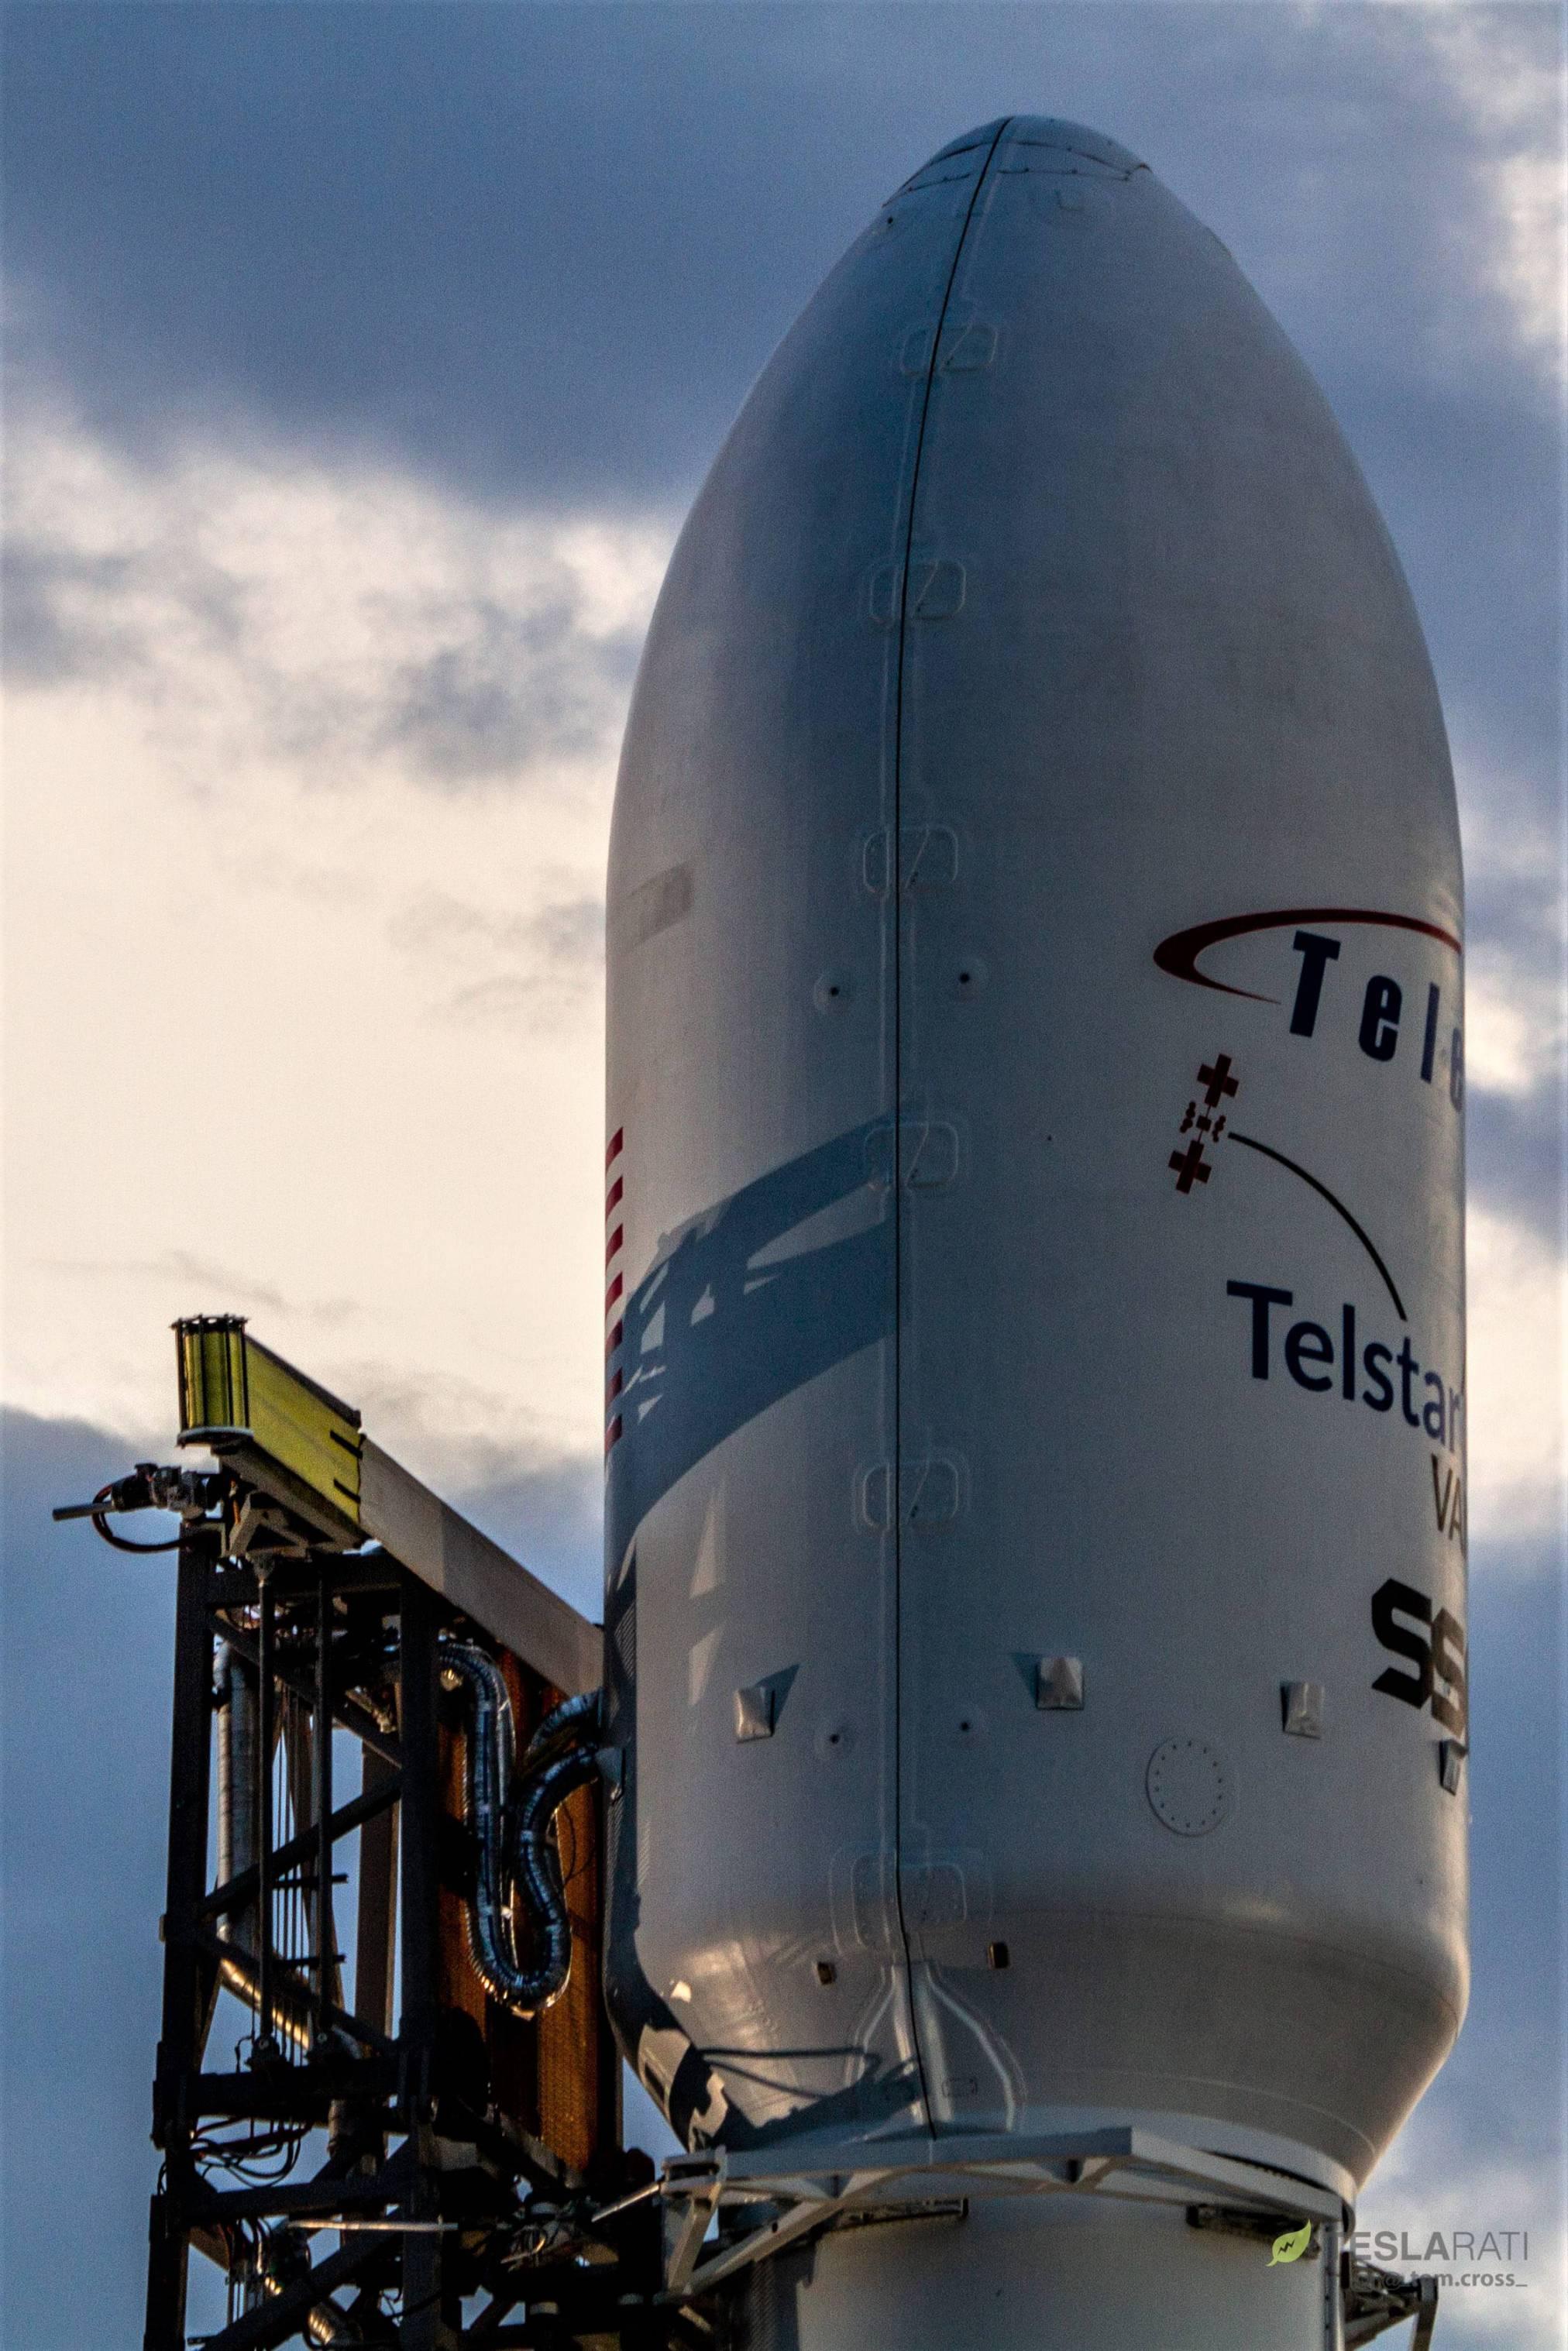 Telstar 19V B1047 vertical (Tom Cross) 17